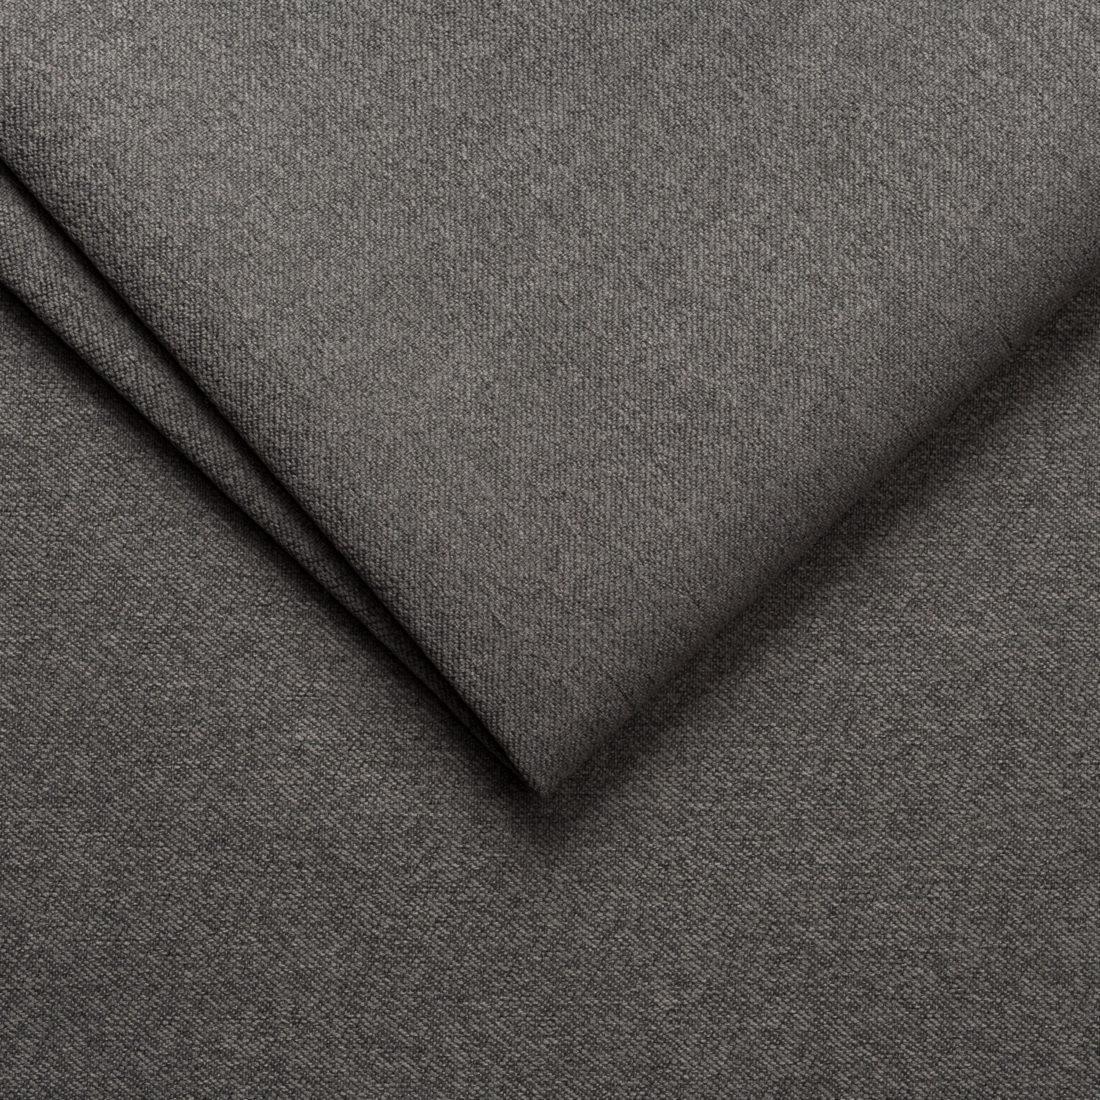 Меблева тканина Evolution 5 Stone, жакард